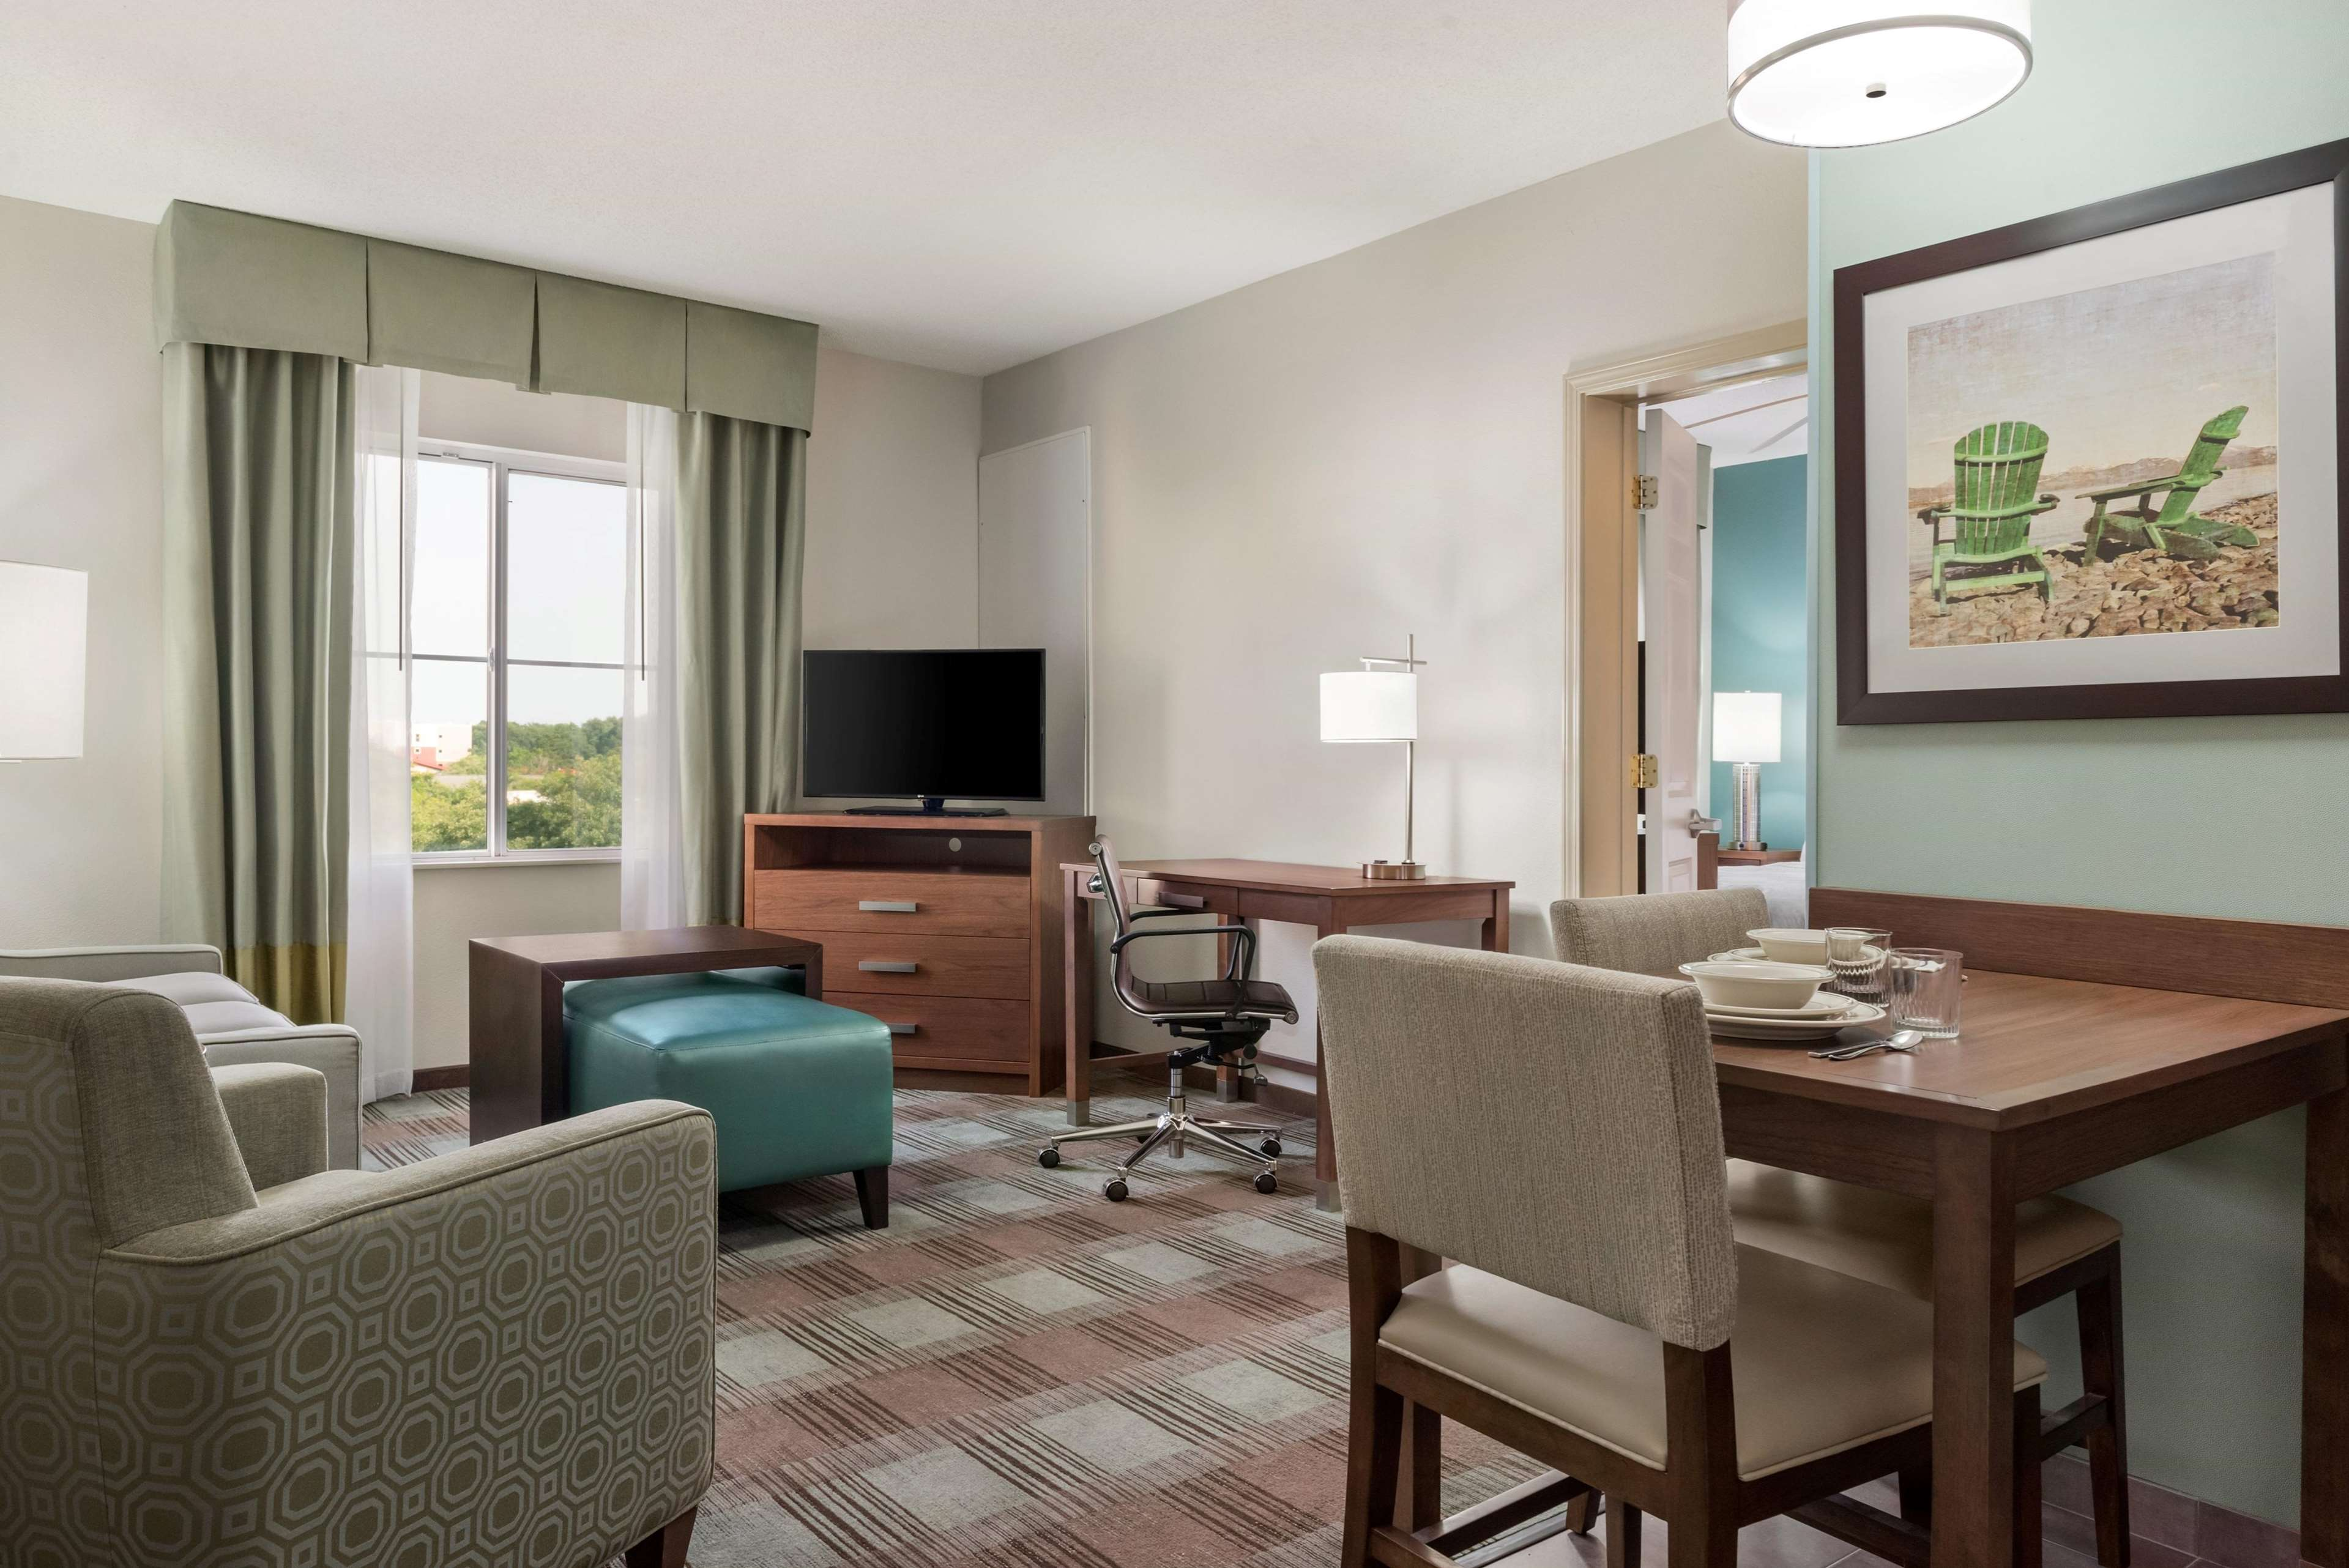 Homewood Suites by Hilton Charleston - Mt. Pleasant image 25